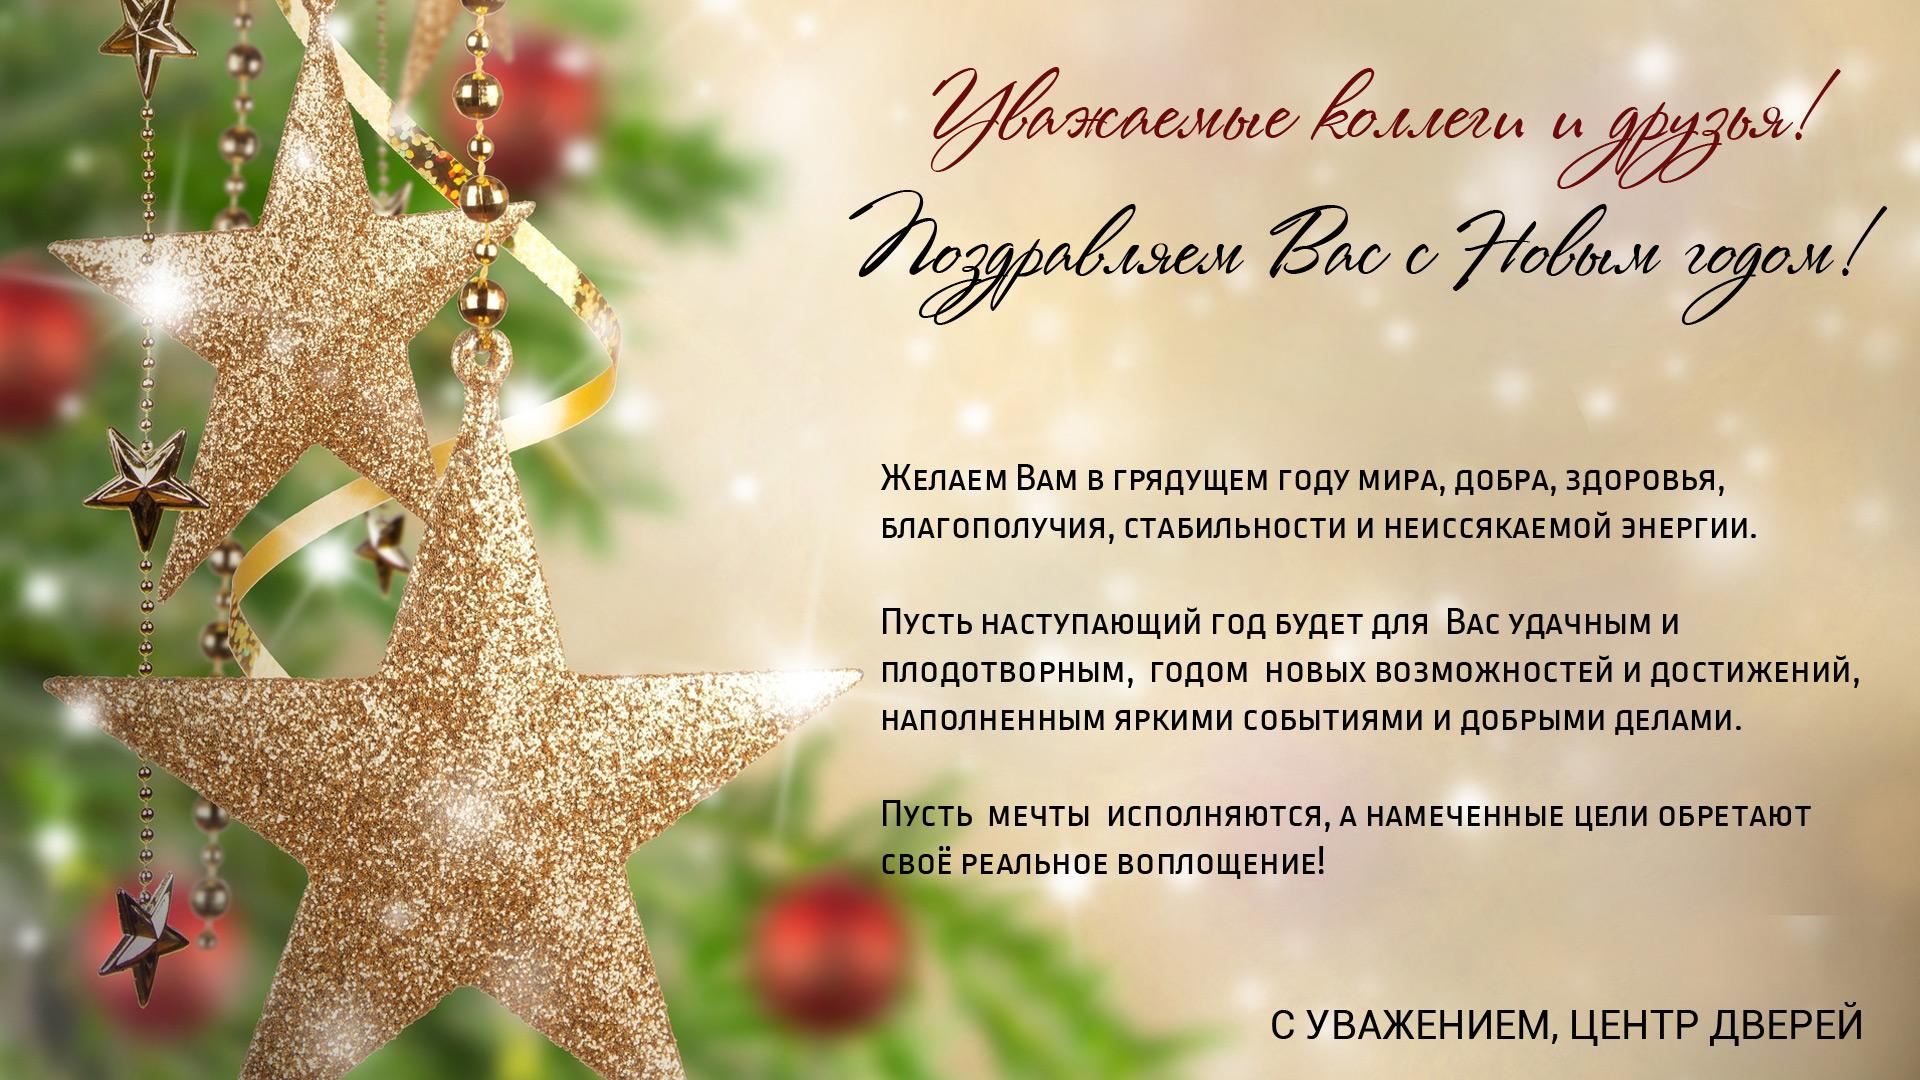 КОмпания Центр Дверей Чебоксары поздравляет Вас с Новым годом!